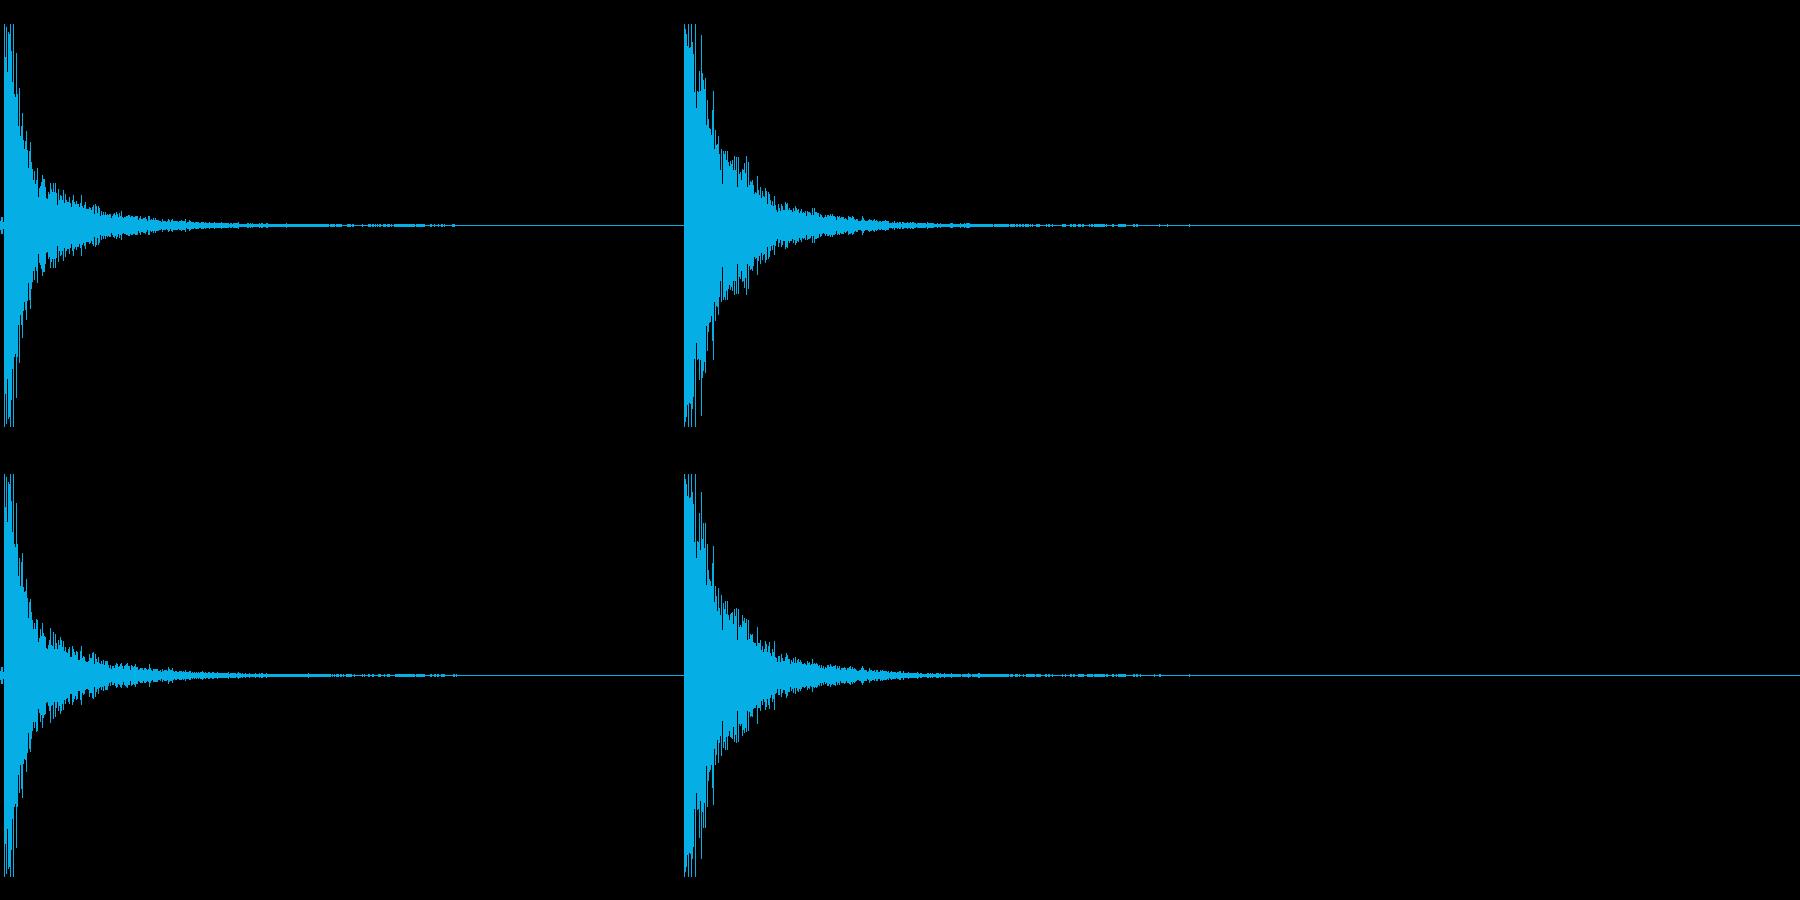 つるはし音(カンッカンッ)の再生済みの波形